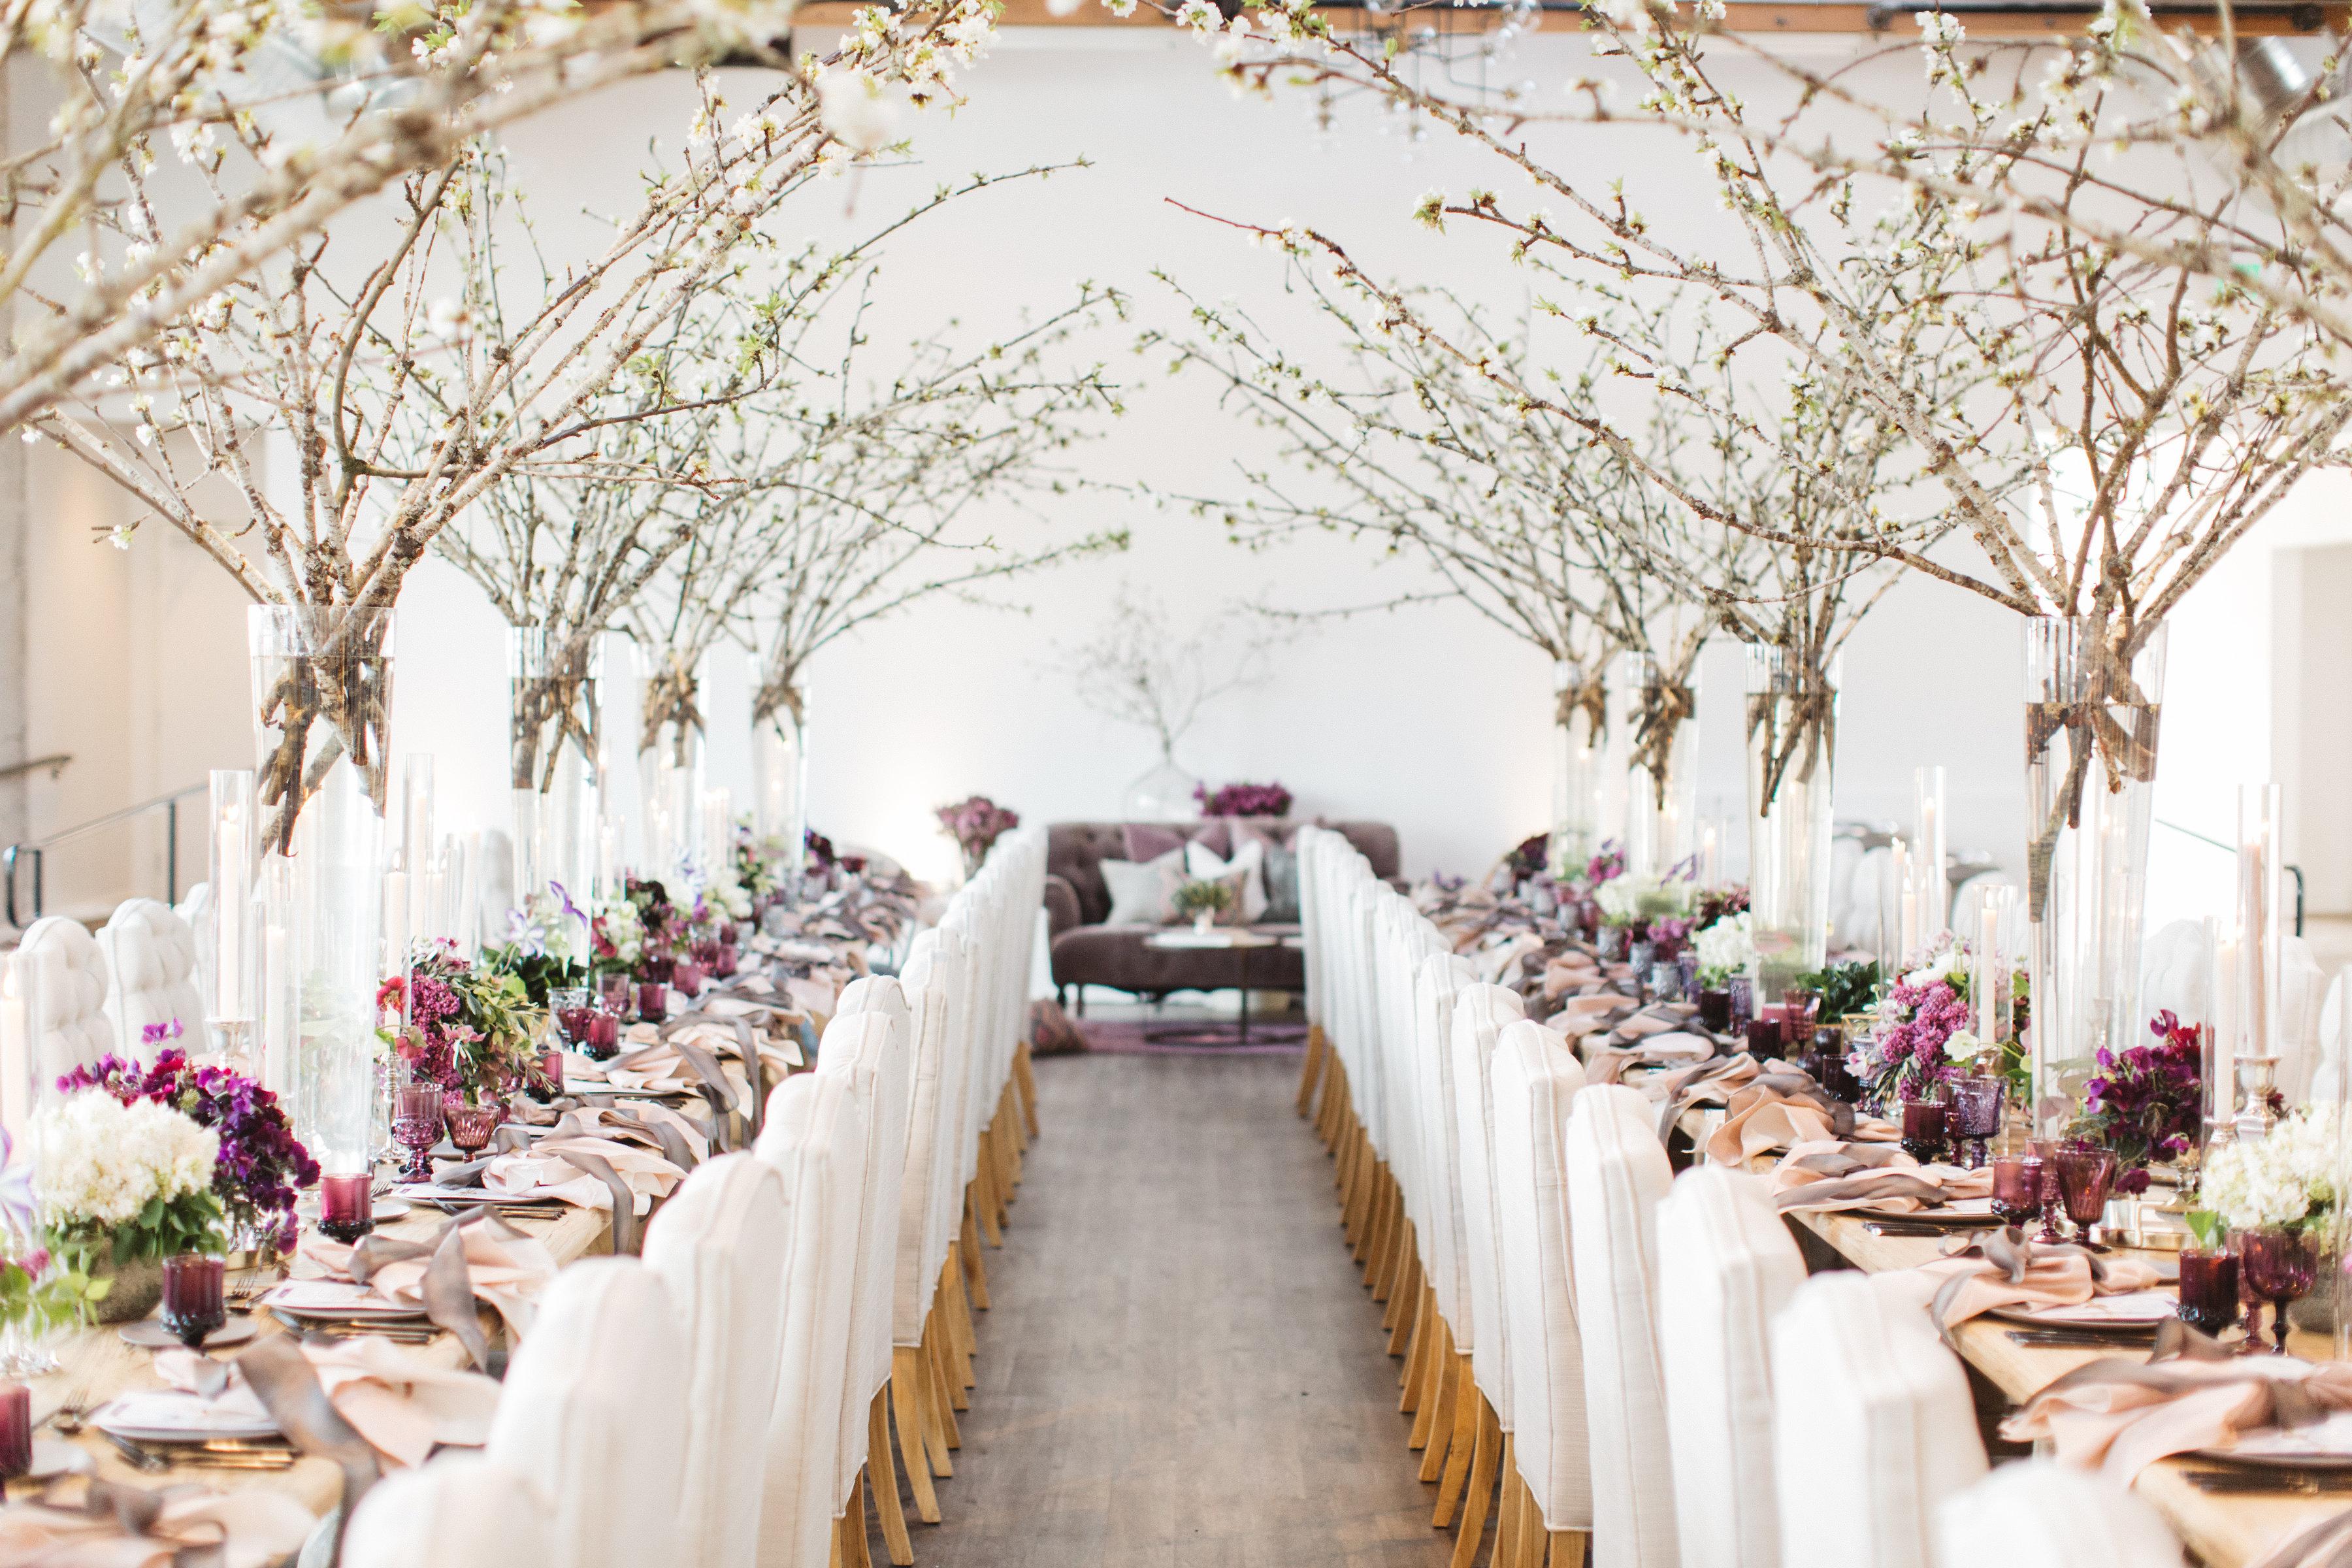 A Good Affair, Wedding & Event Production - A Good Affair, Wedding & Event Production